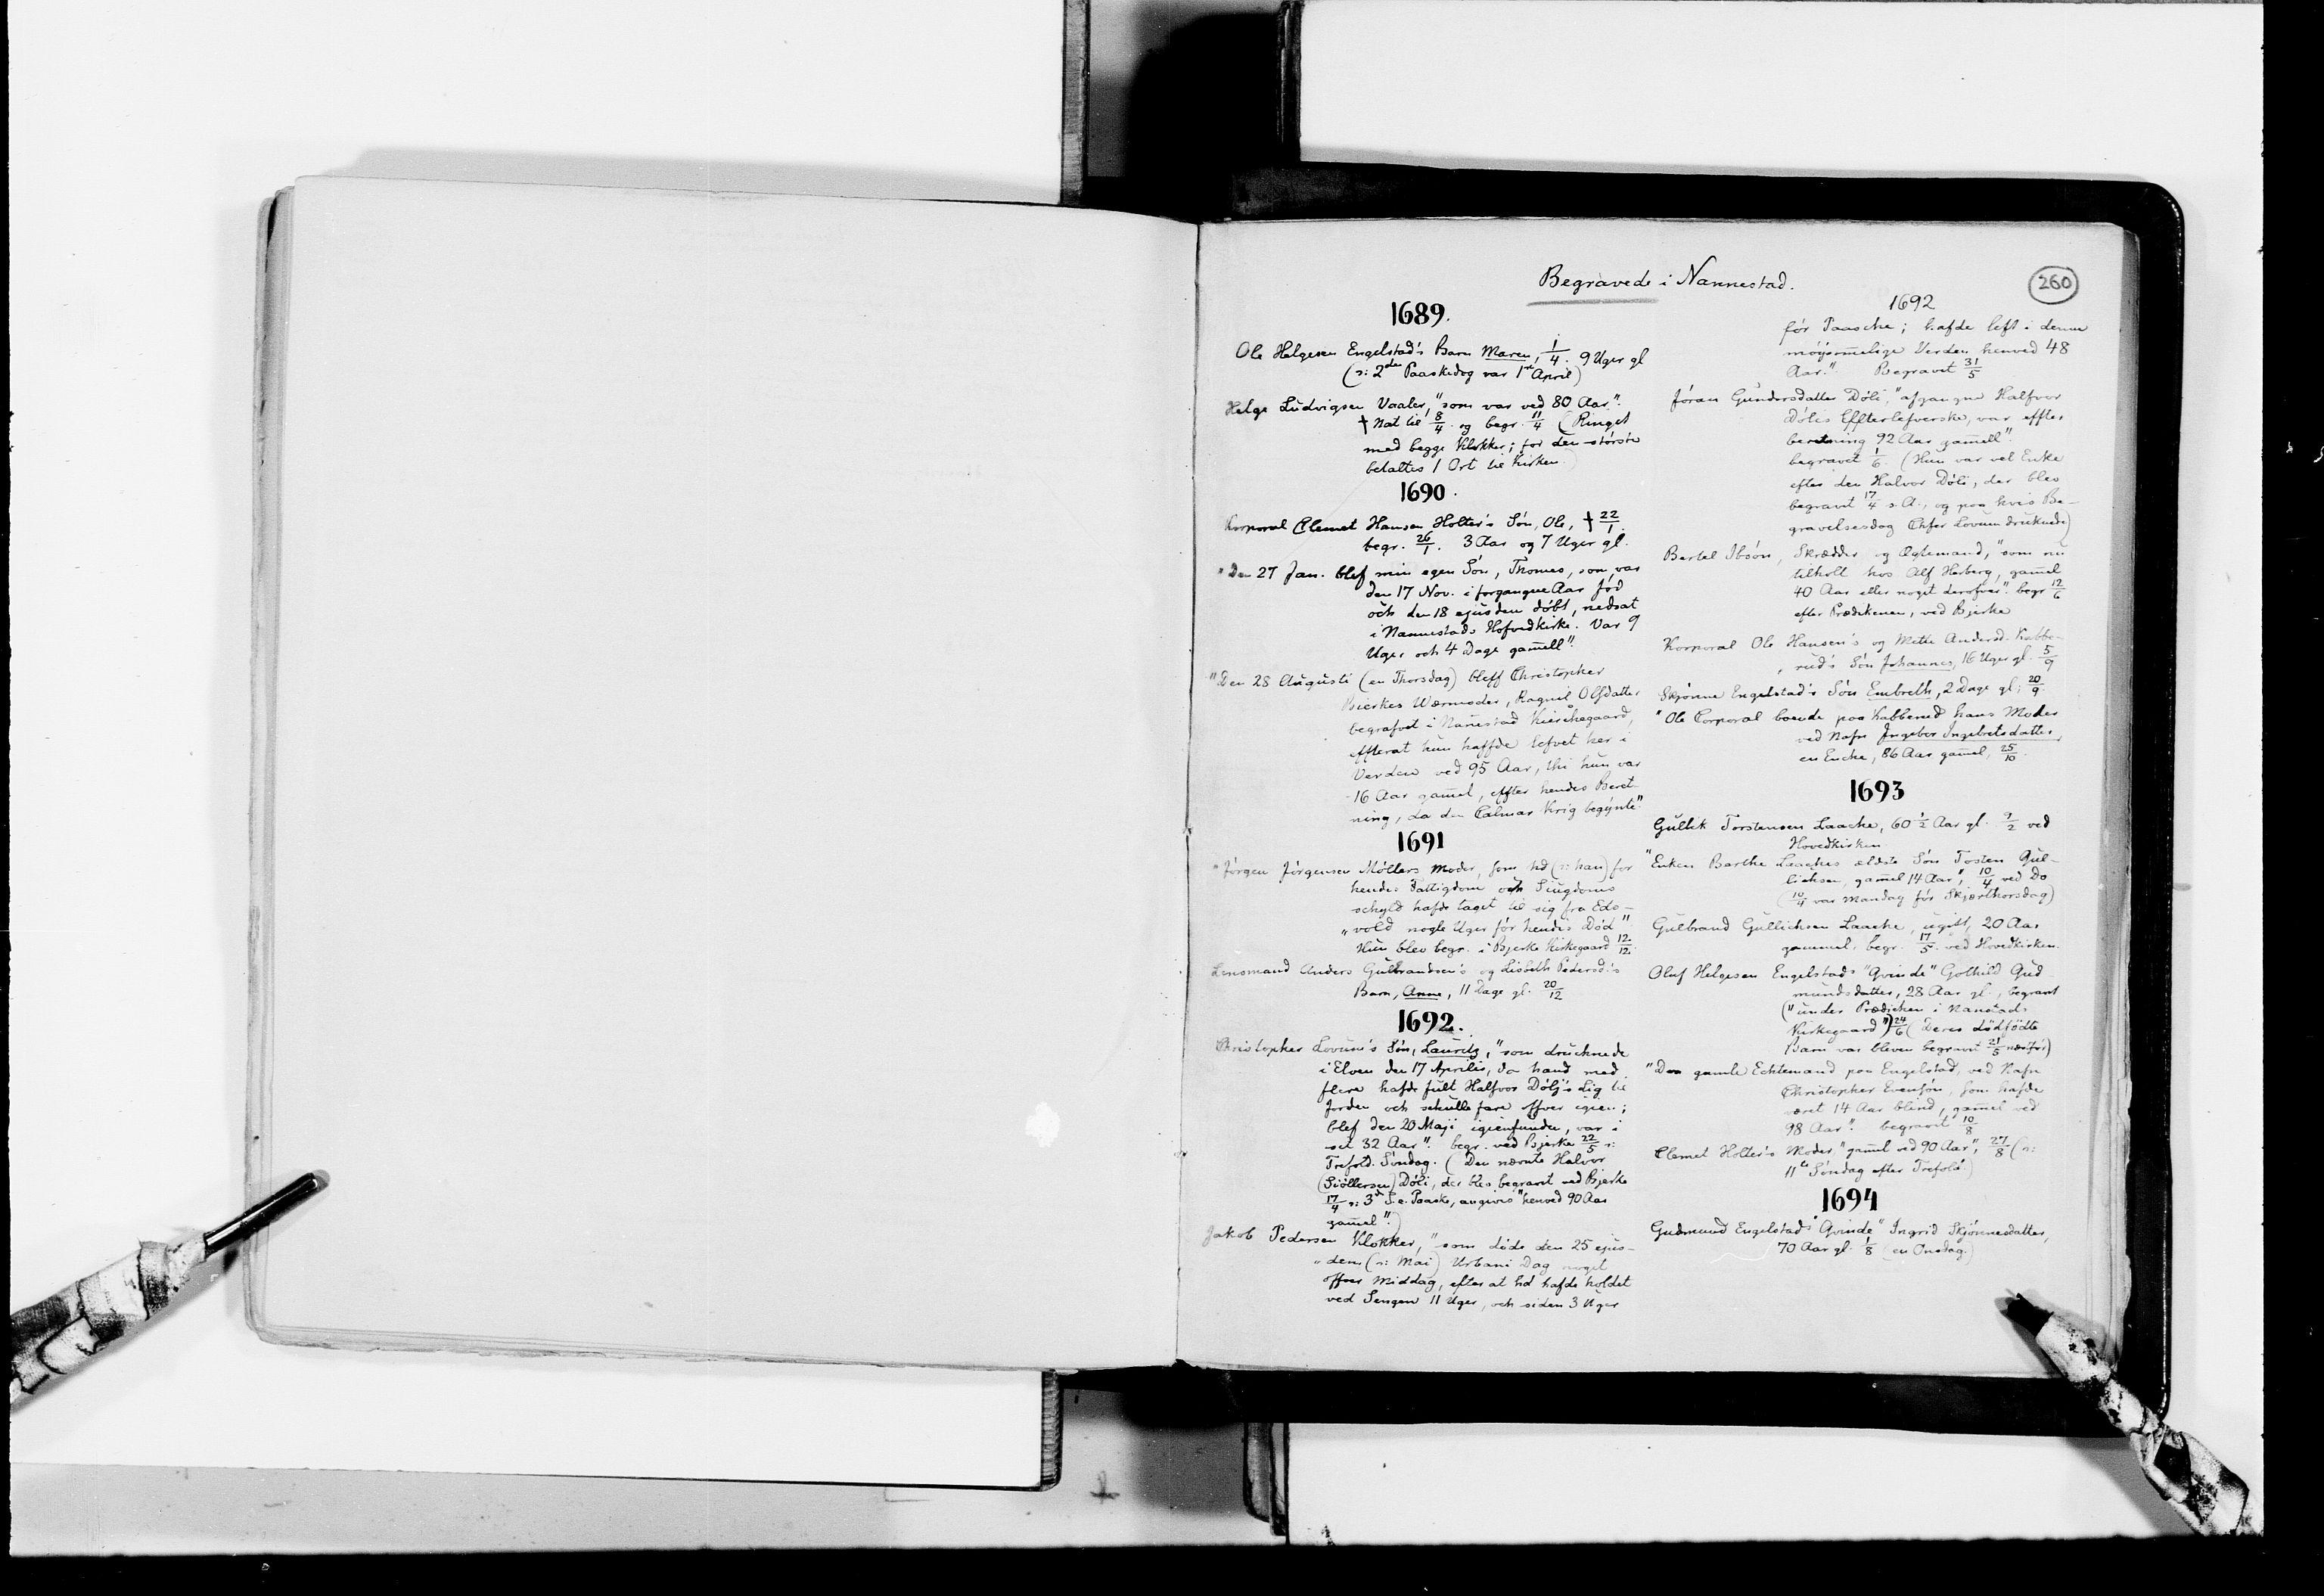 RA, Lassens samlinger, F/Fc, s. 260